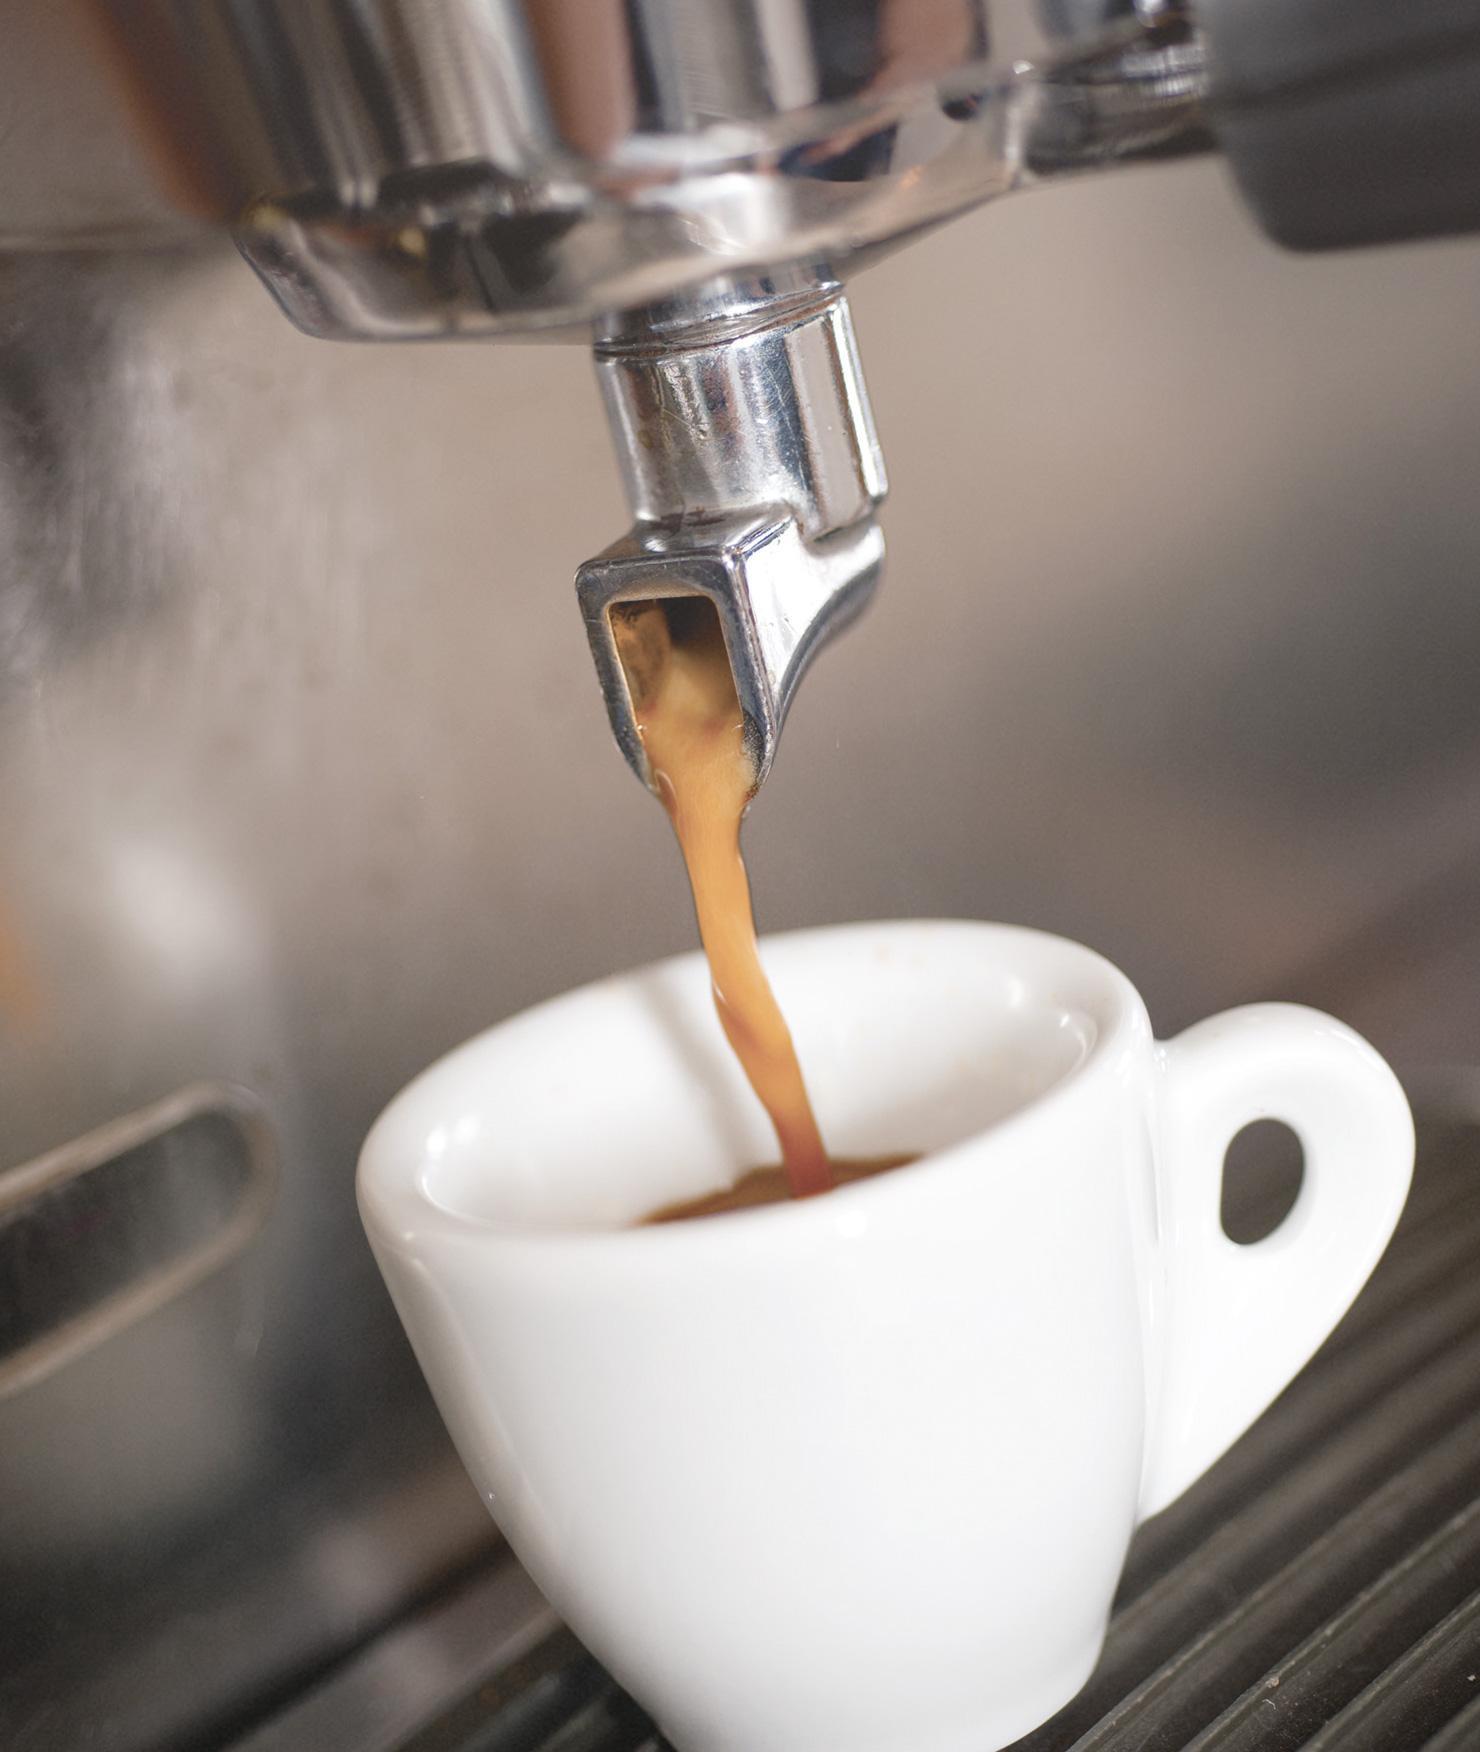 Filtr BRITA PURITY Fresh C50 zaparzanie kawy